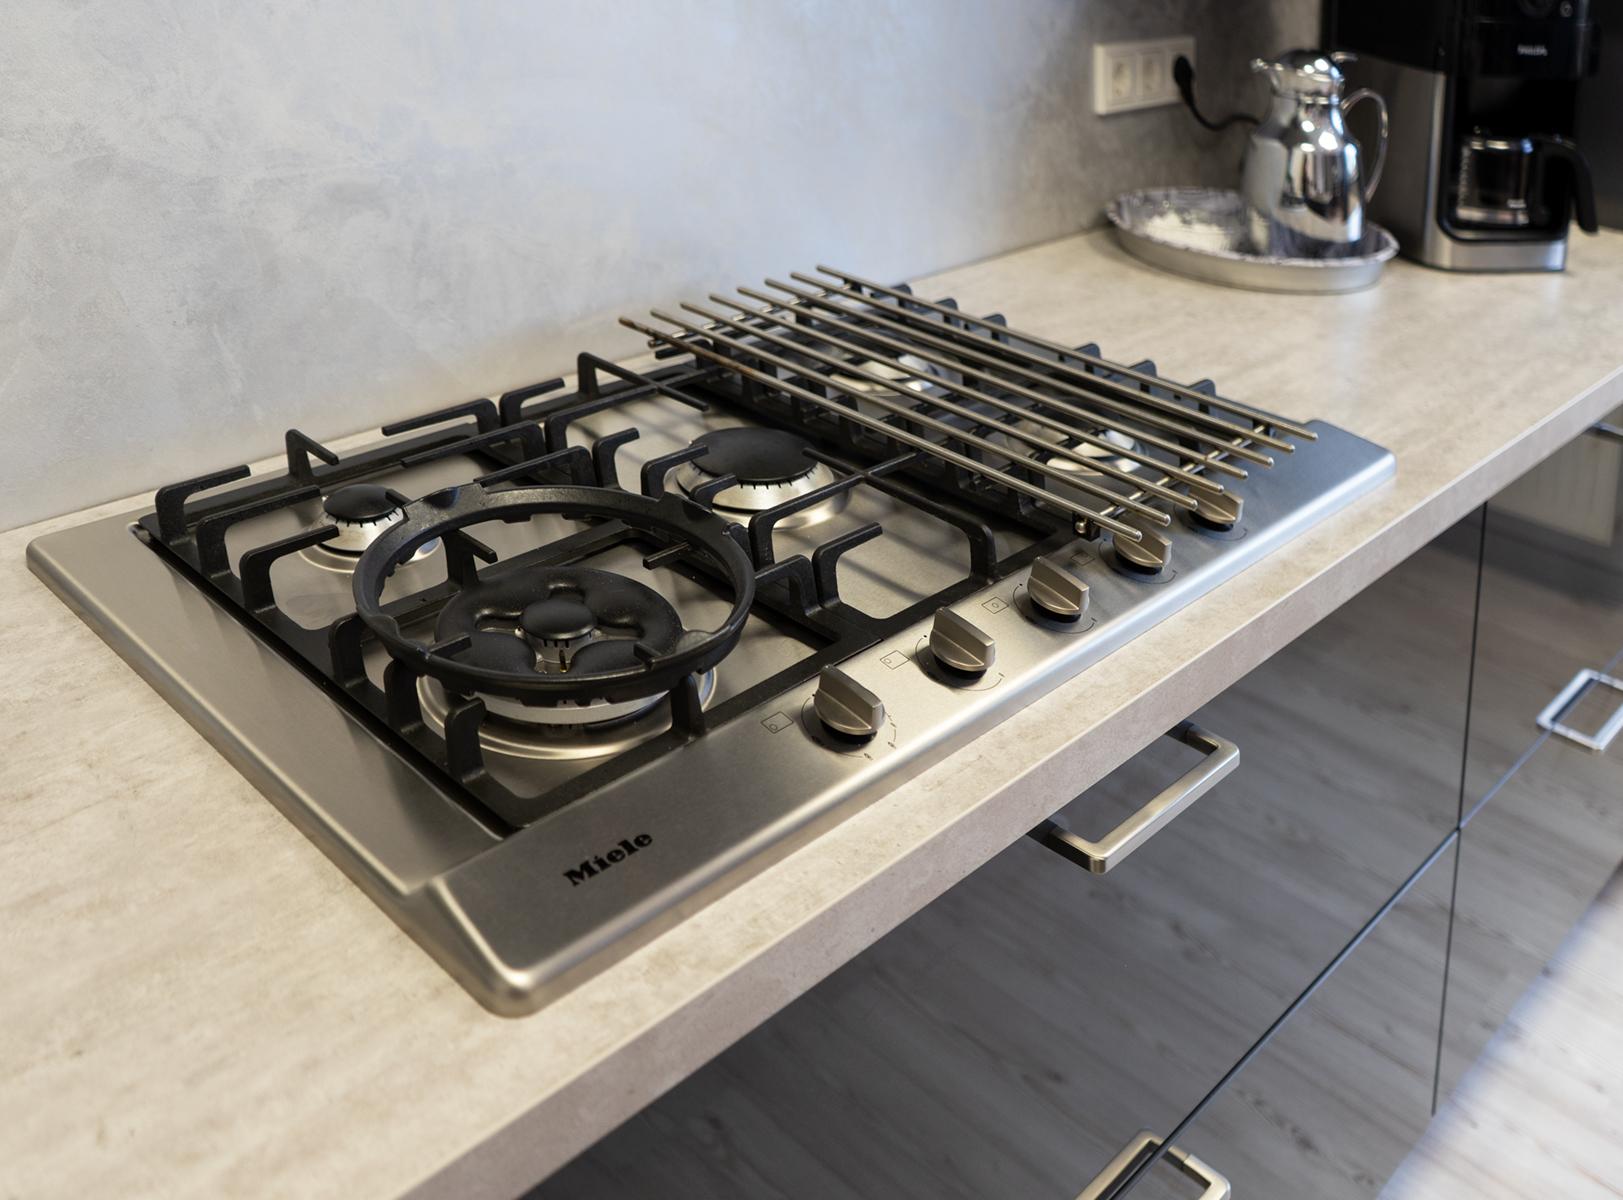 Gaskochfeld - SAAR Küchen Ausstellungsküche Bous mit Insel